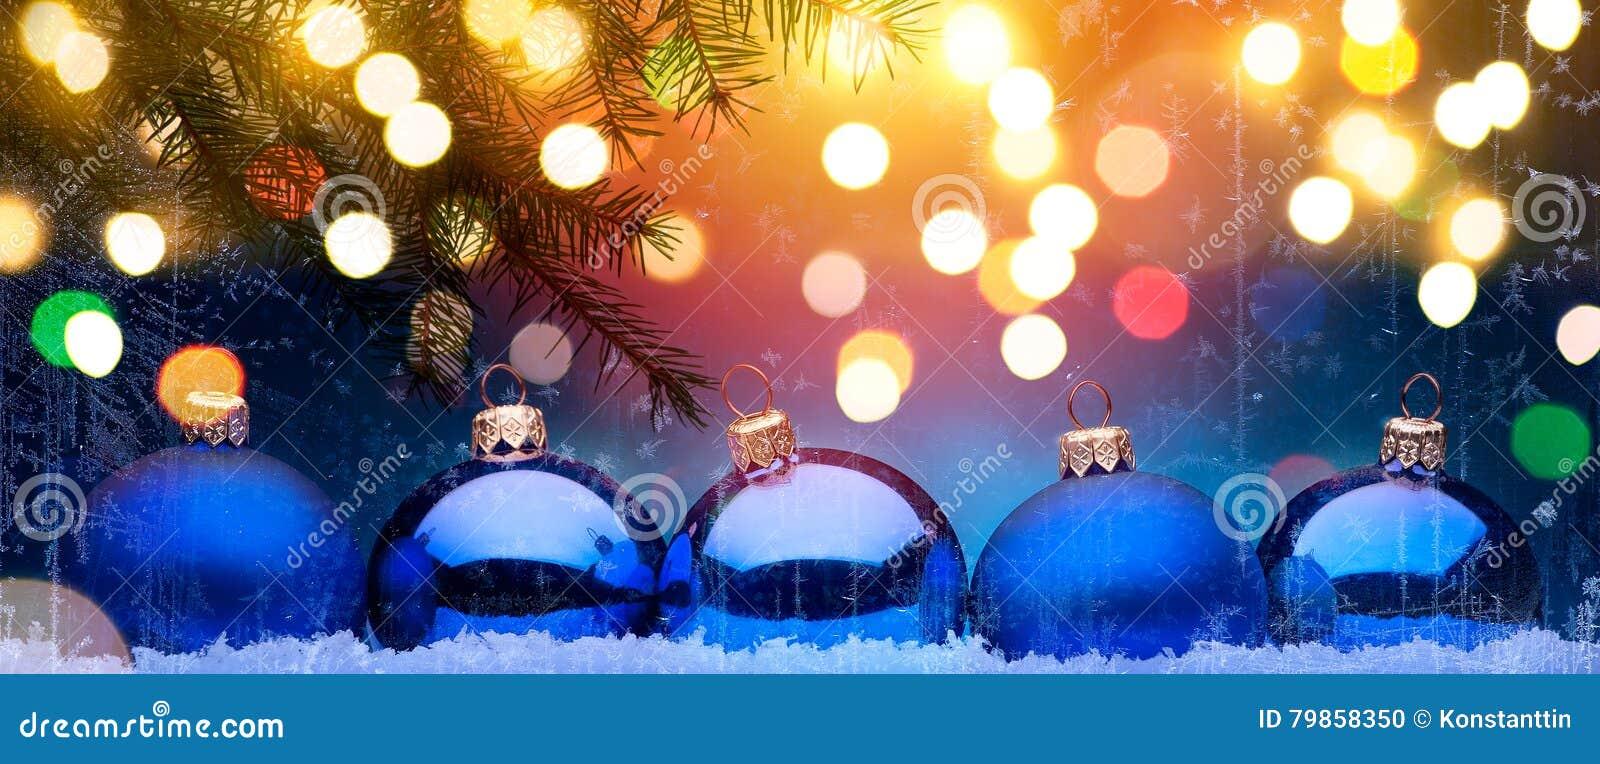 Natal azul; Fundo dos feriados com decoração do Xmas